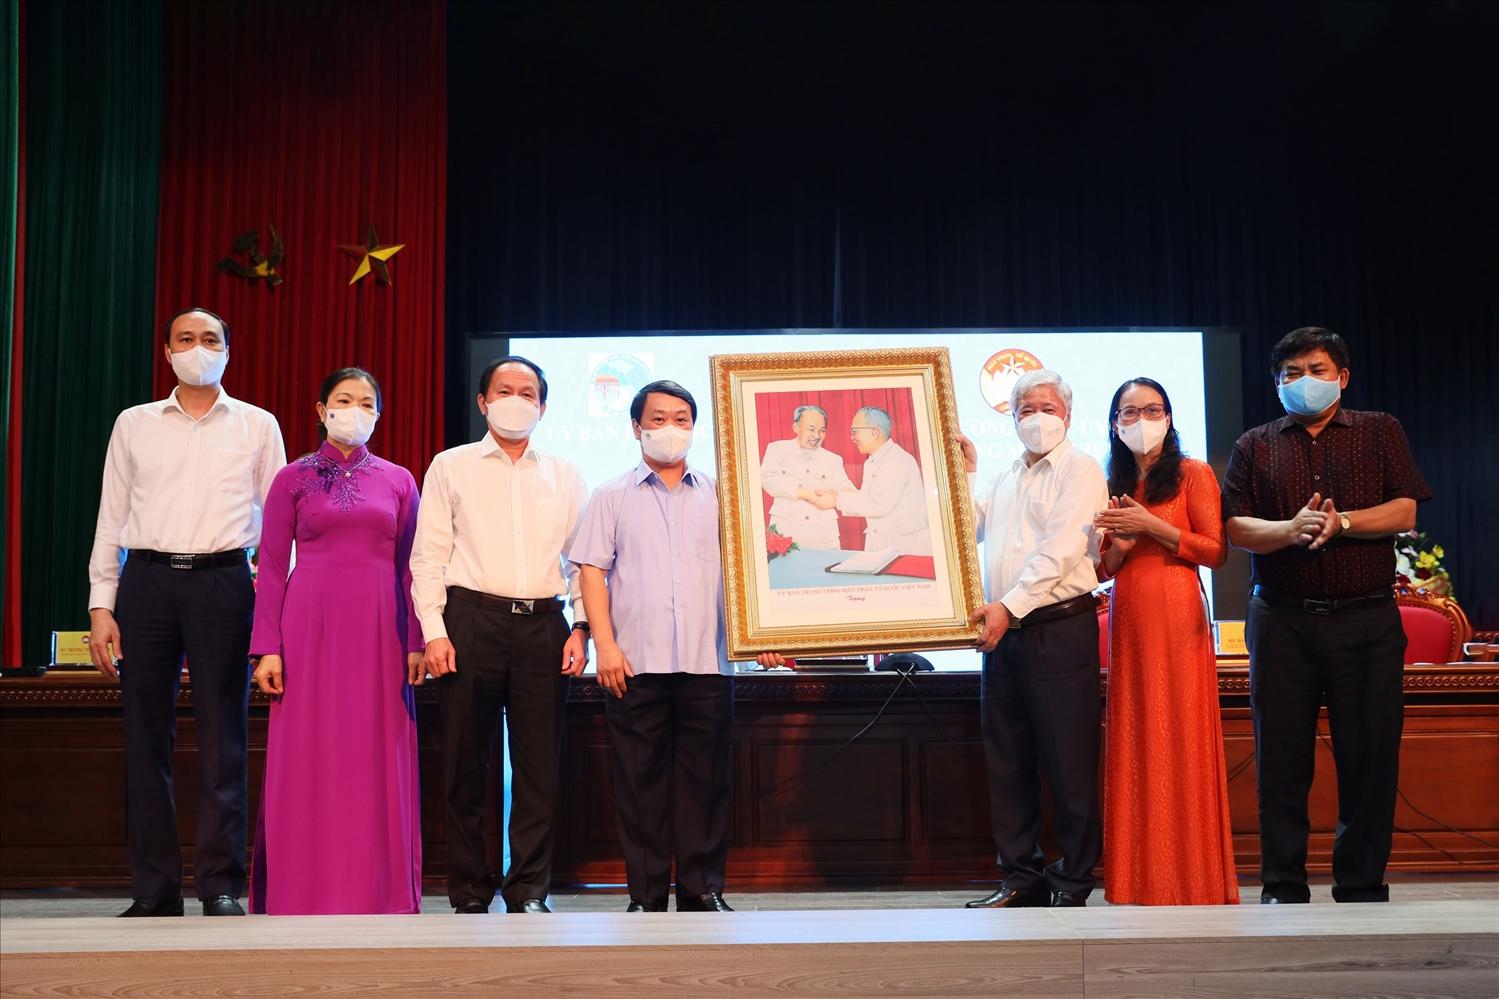 Bí thư Trung ương Đảng, Chủ tịch Ủy ban Trung ương MTTQ Việt Nam Đỗ Văn Chiến tặng quà lưu niệm cho UBDT